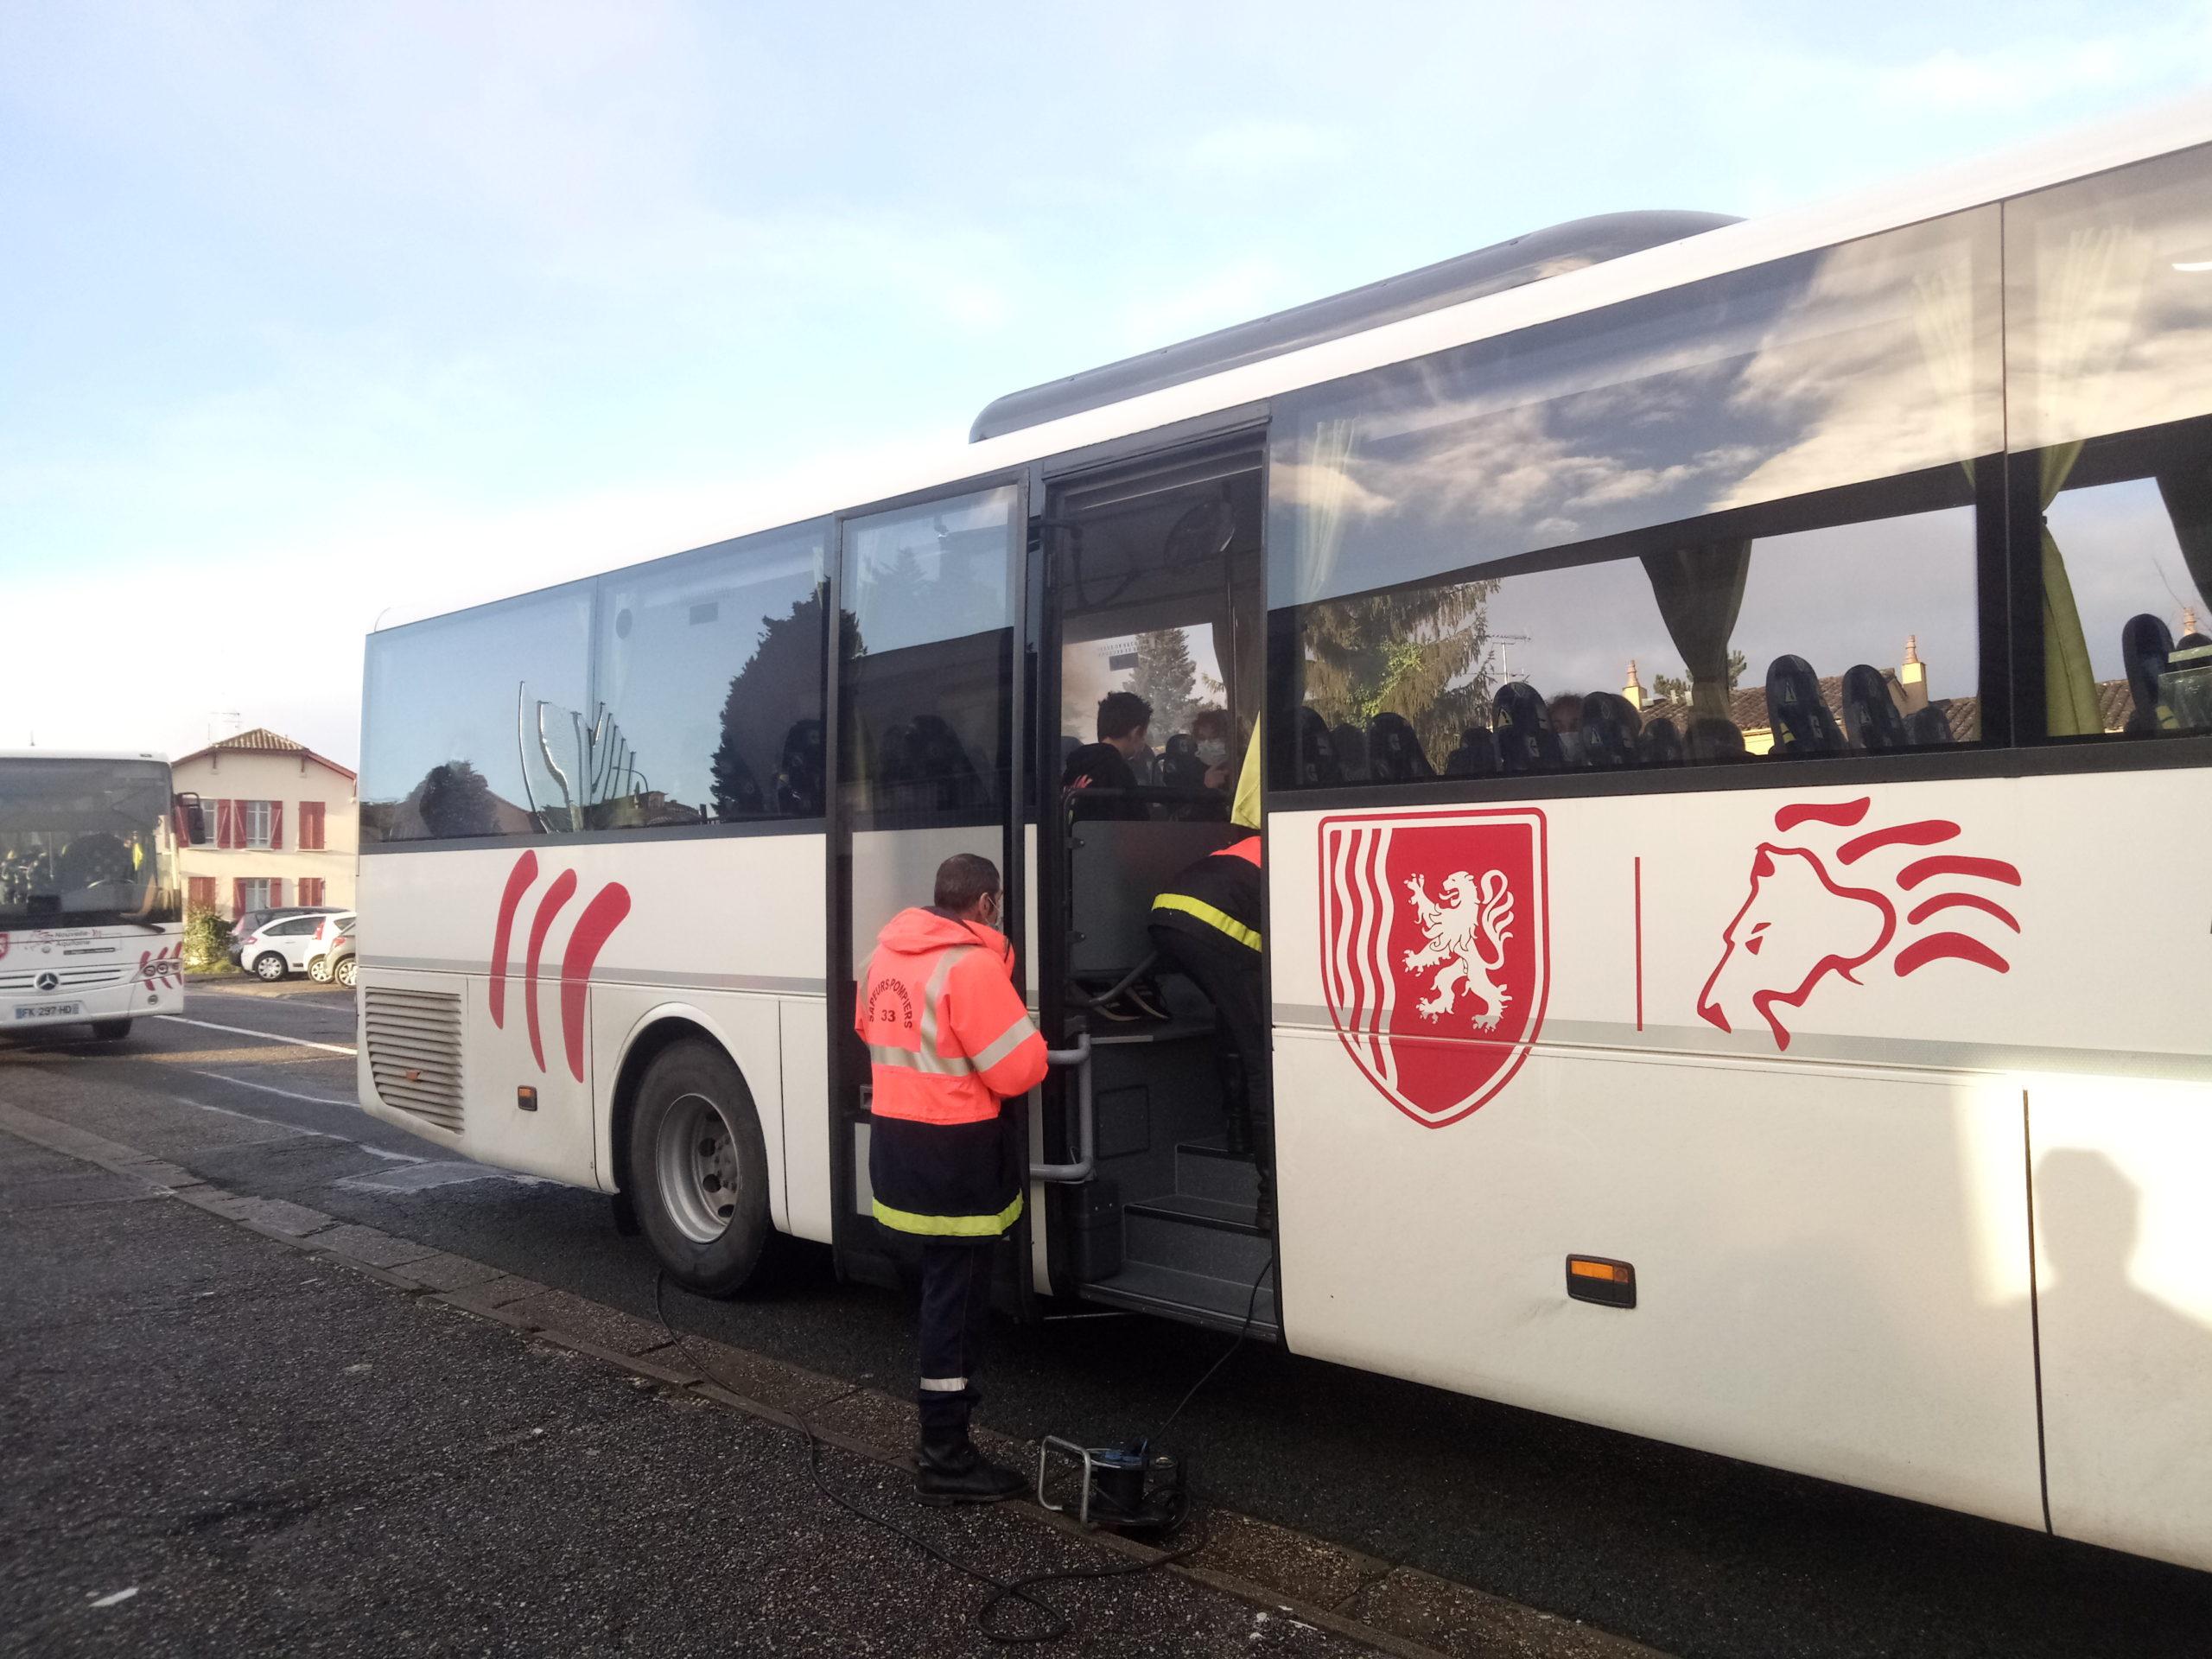 Sécurité dans les transports en commun